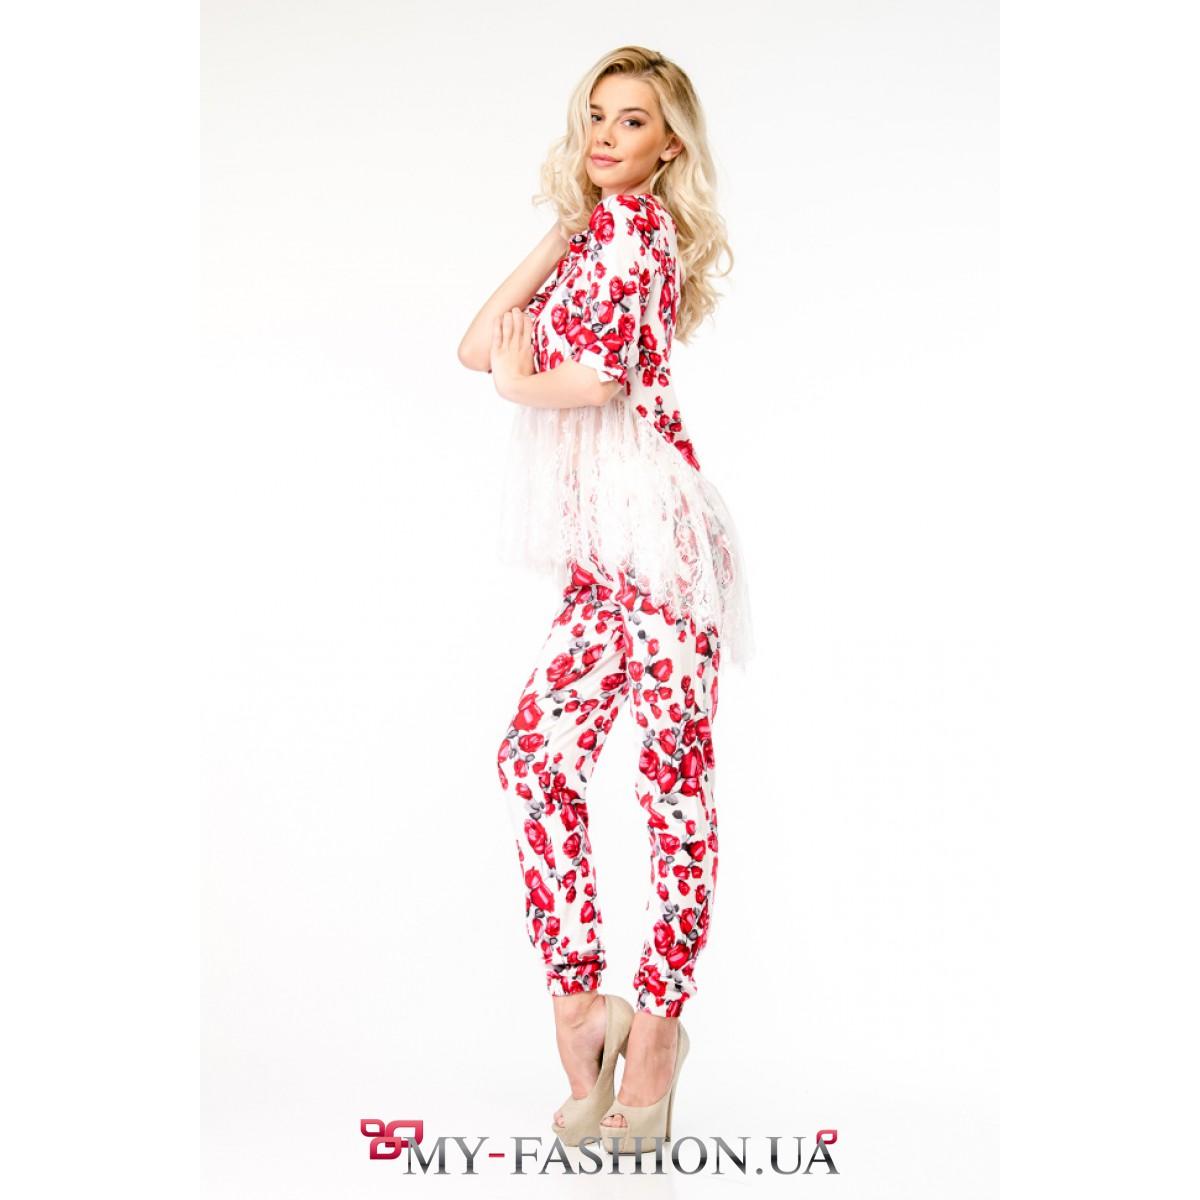 Женские костюмы с принтом